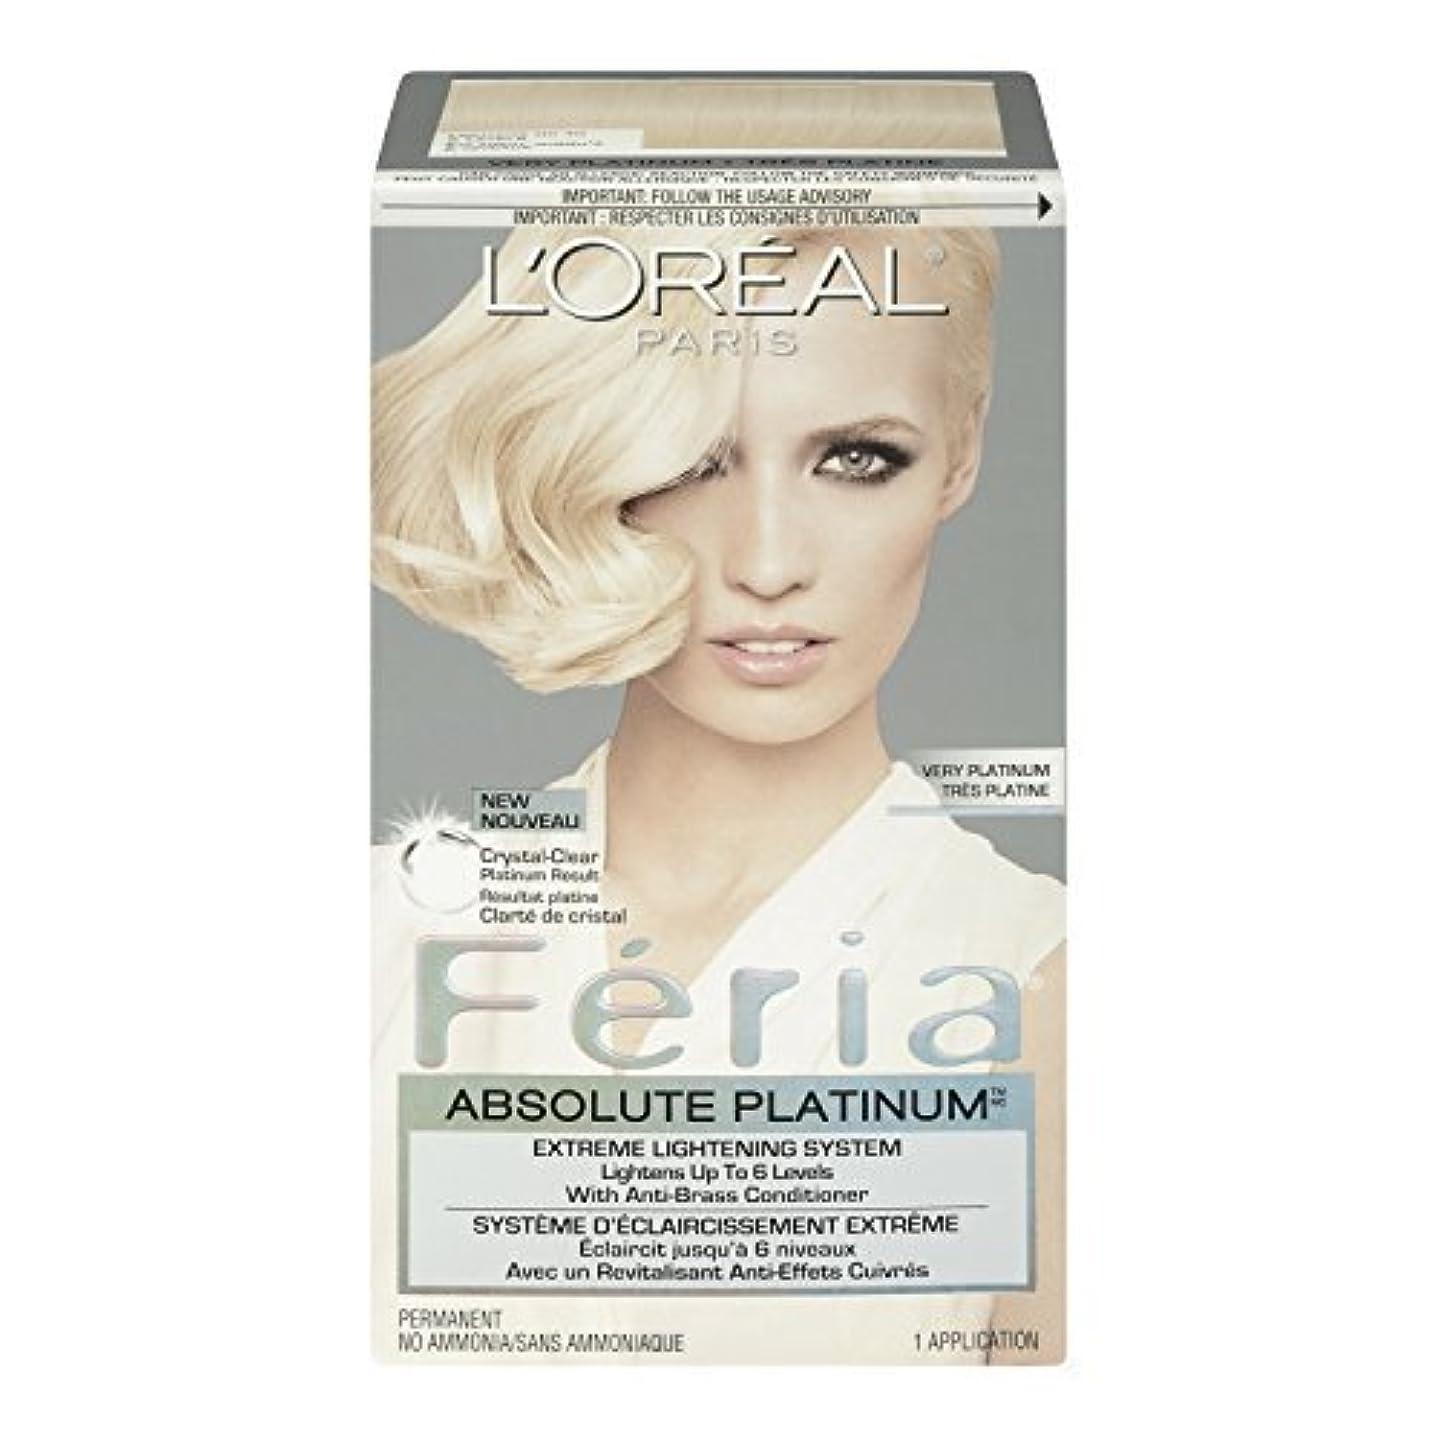 代名詞勤勉なとにかくL'Oreal Feria Absolute Platinums Hair Color, Very Platinum by L'Oreal Paris Hair Color [並行輸入品]